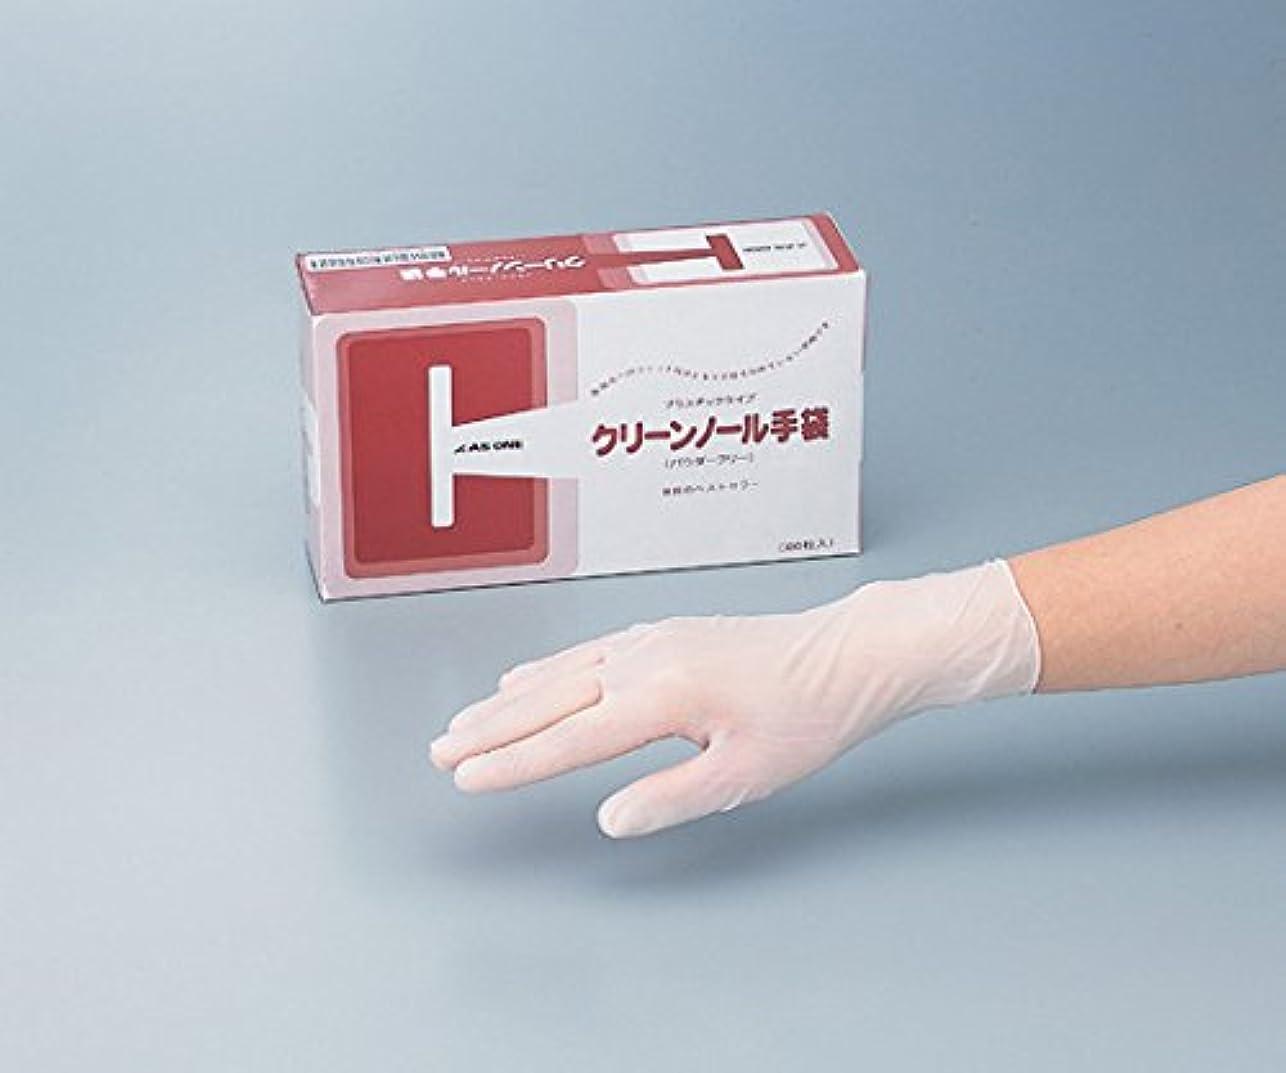 留まる梨放散するアズワン6-905-11クリーンノール手袋PVCパウダーフリーL100枚×10箱